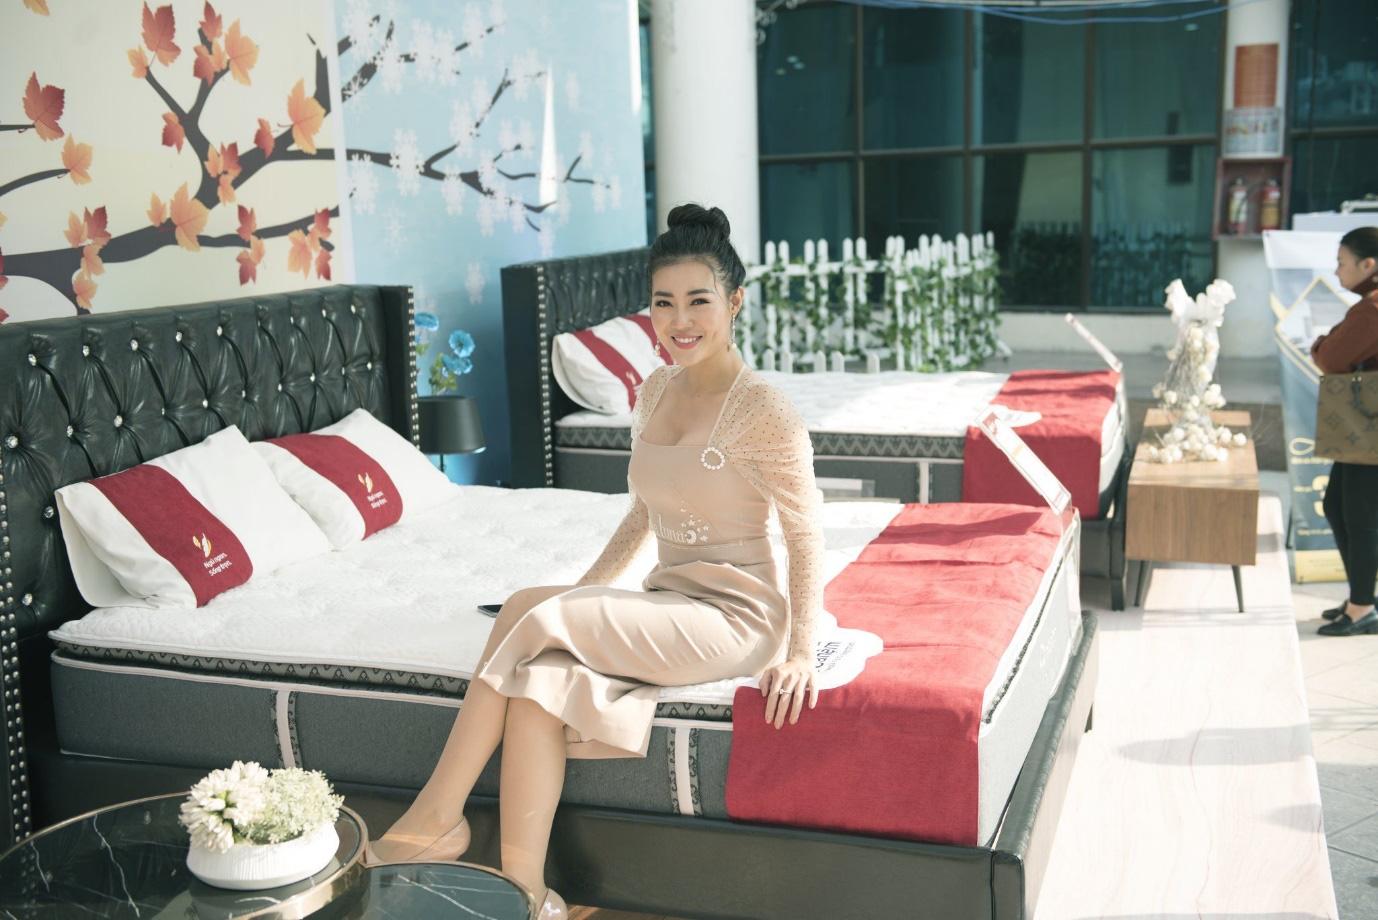 Việt Anh, Thanh Hương cùng dàn nghệ sĩ đình đám quy tụ tại Festival đệm và chăn ga gối Quốc tế 2019 - Ảnh 3.